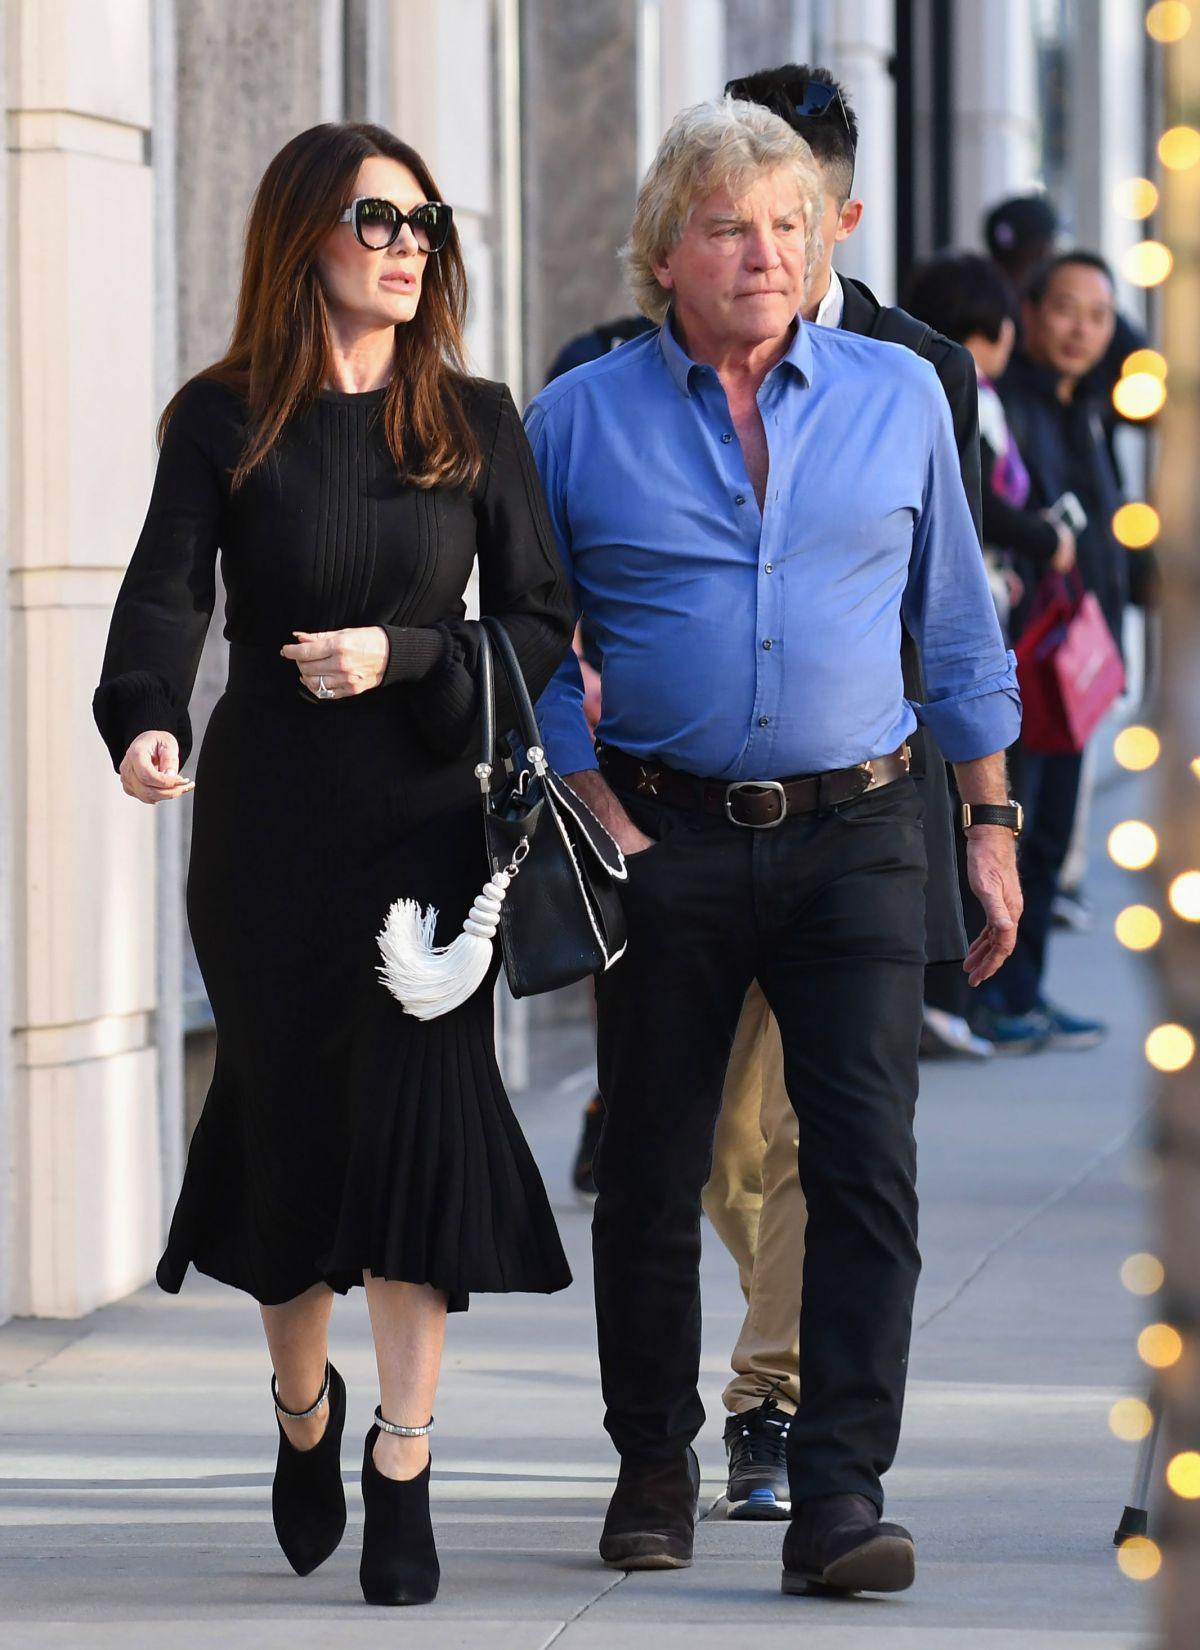 LISA VANDERPUMP and Ken Todd Out in Los Angeles 12/15/2017 – HawtCelebs